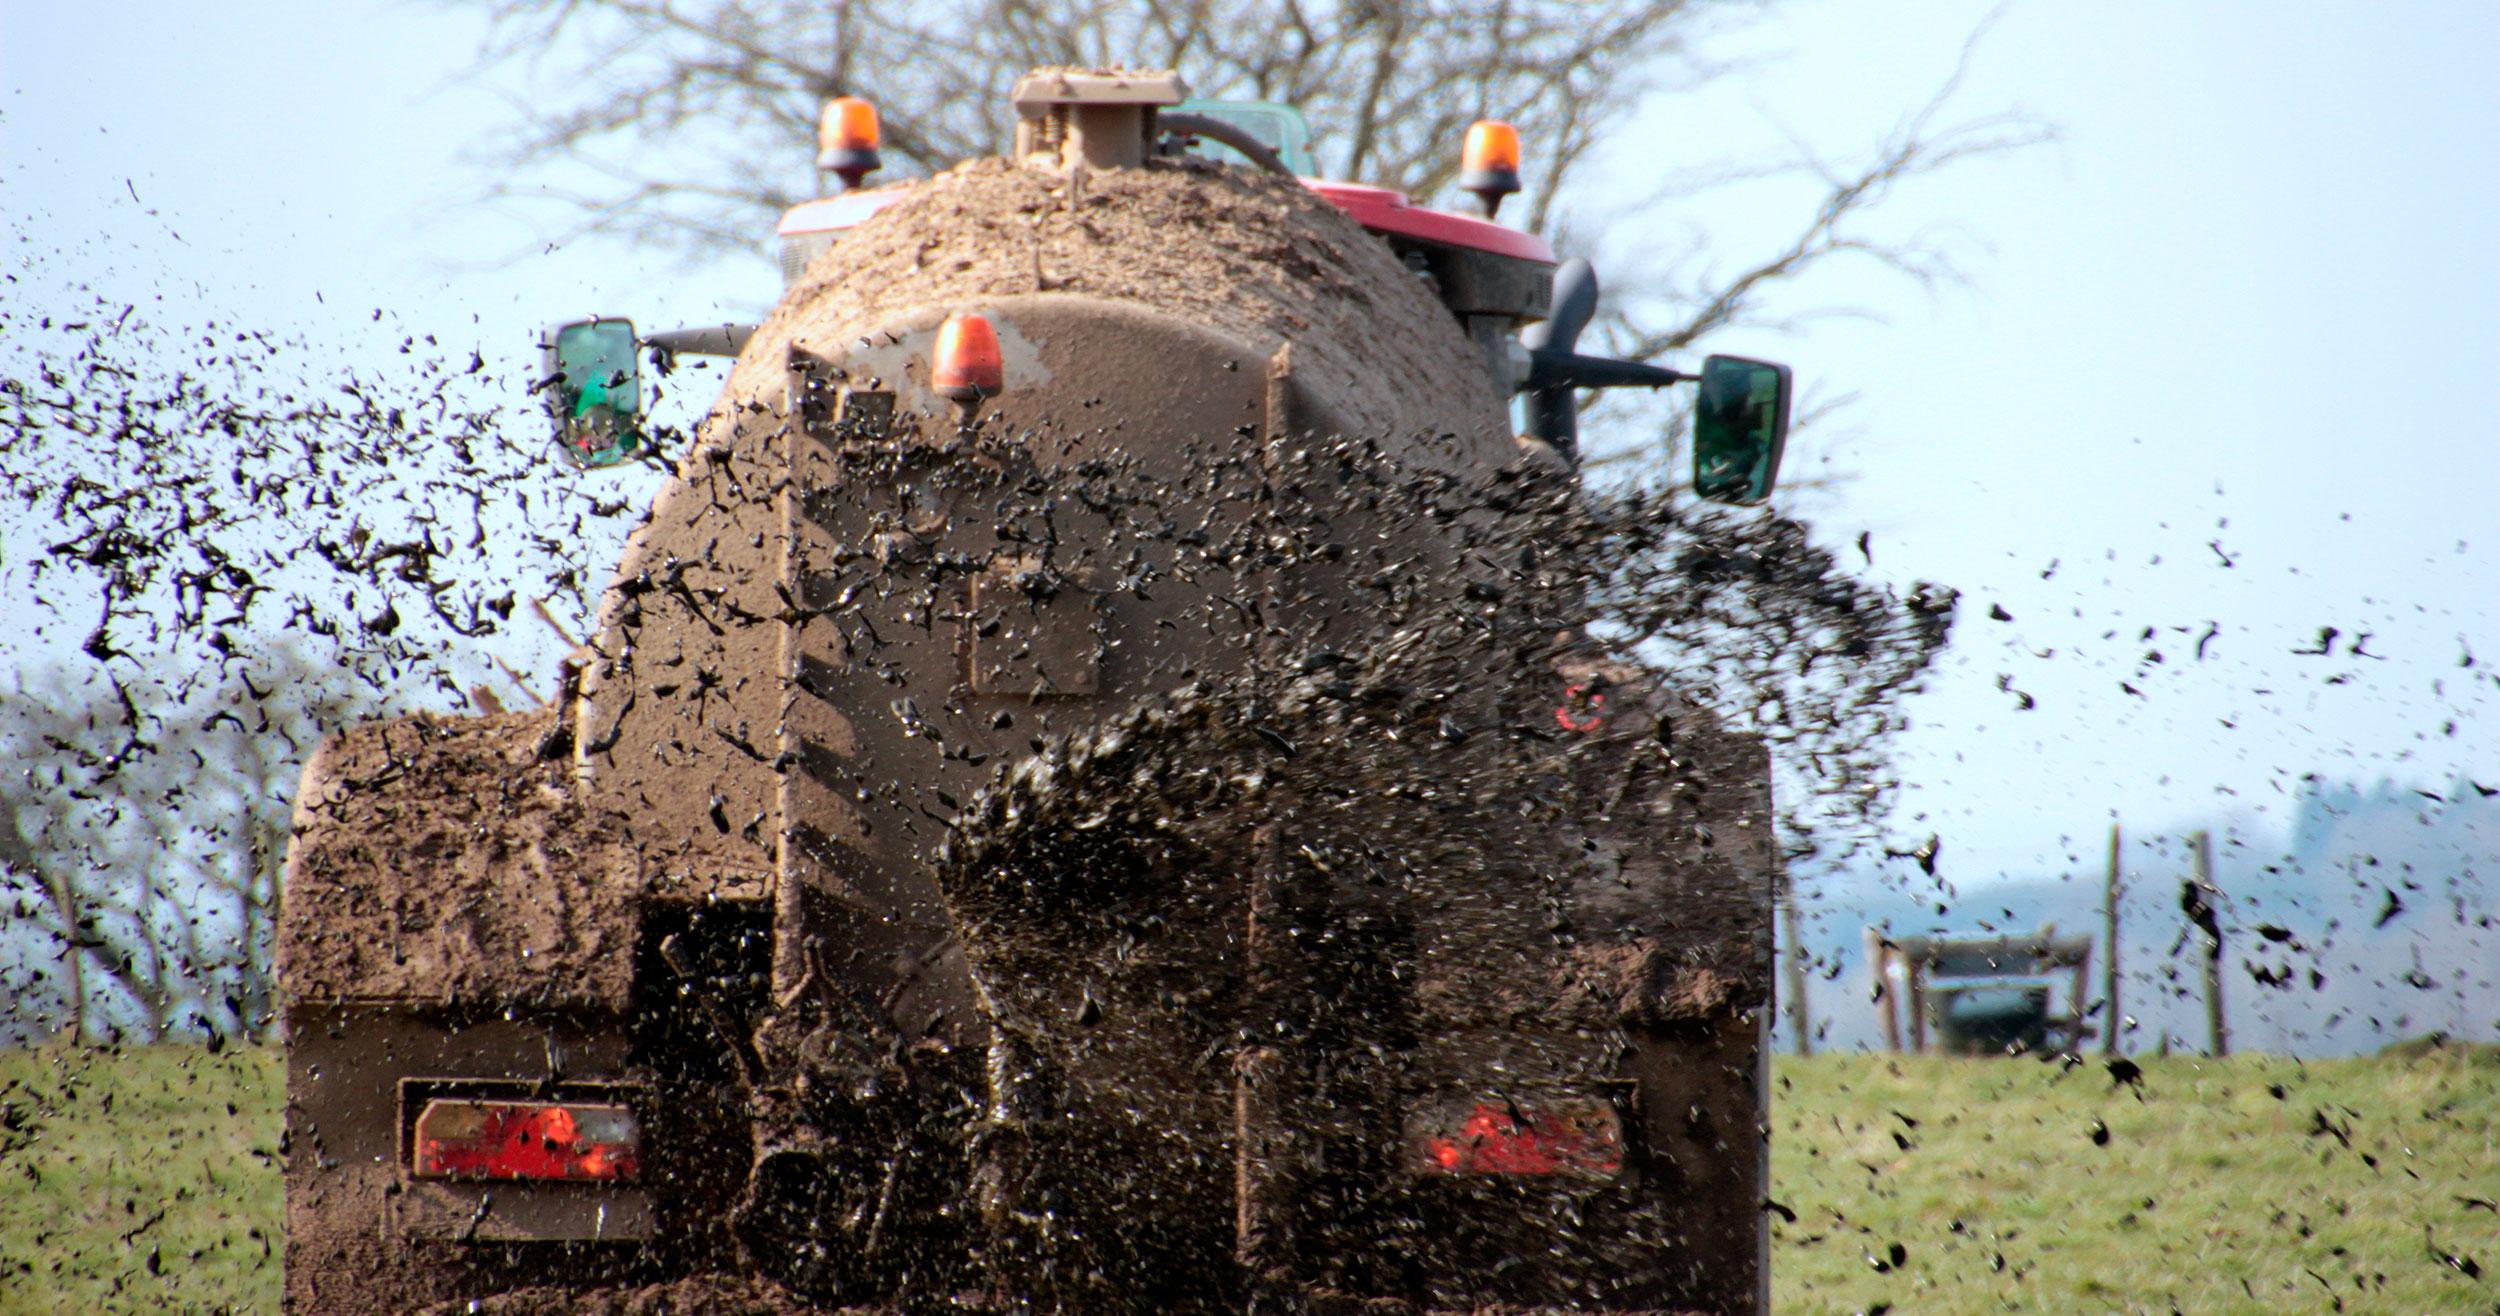 Ny regulering af landbruget kan give miljøgevinster